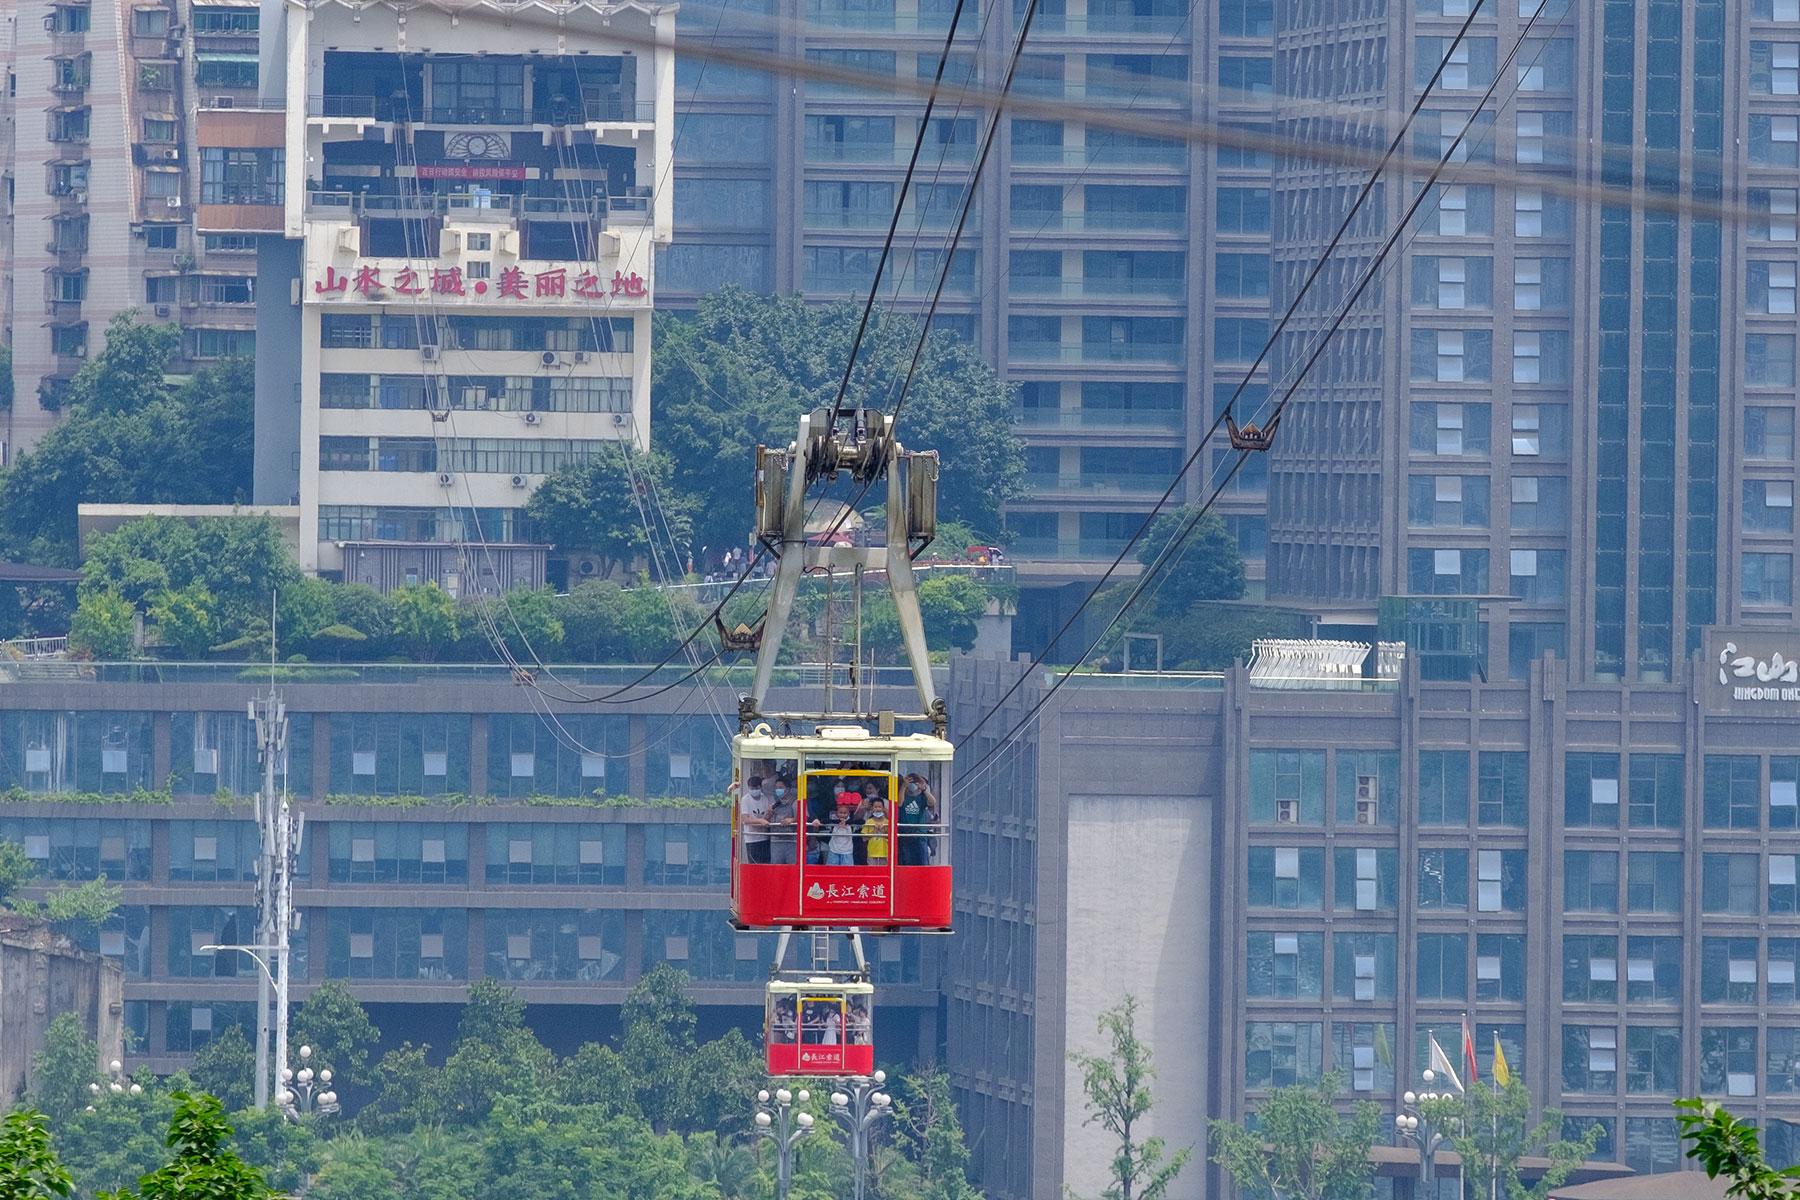 Gondeln einer Seilbahn in Chongqing